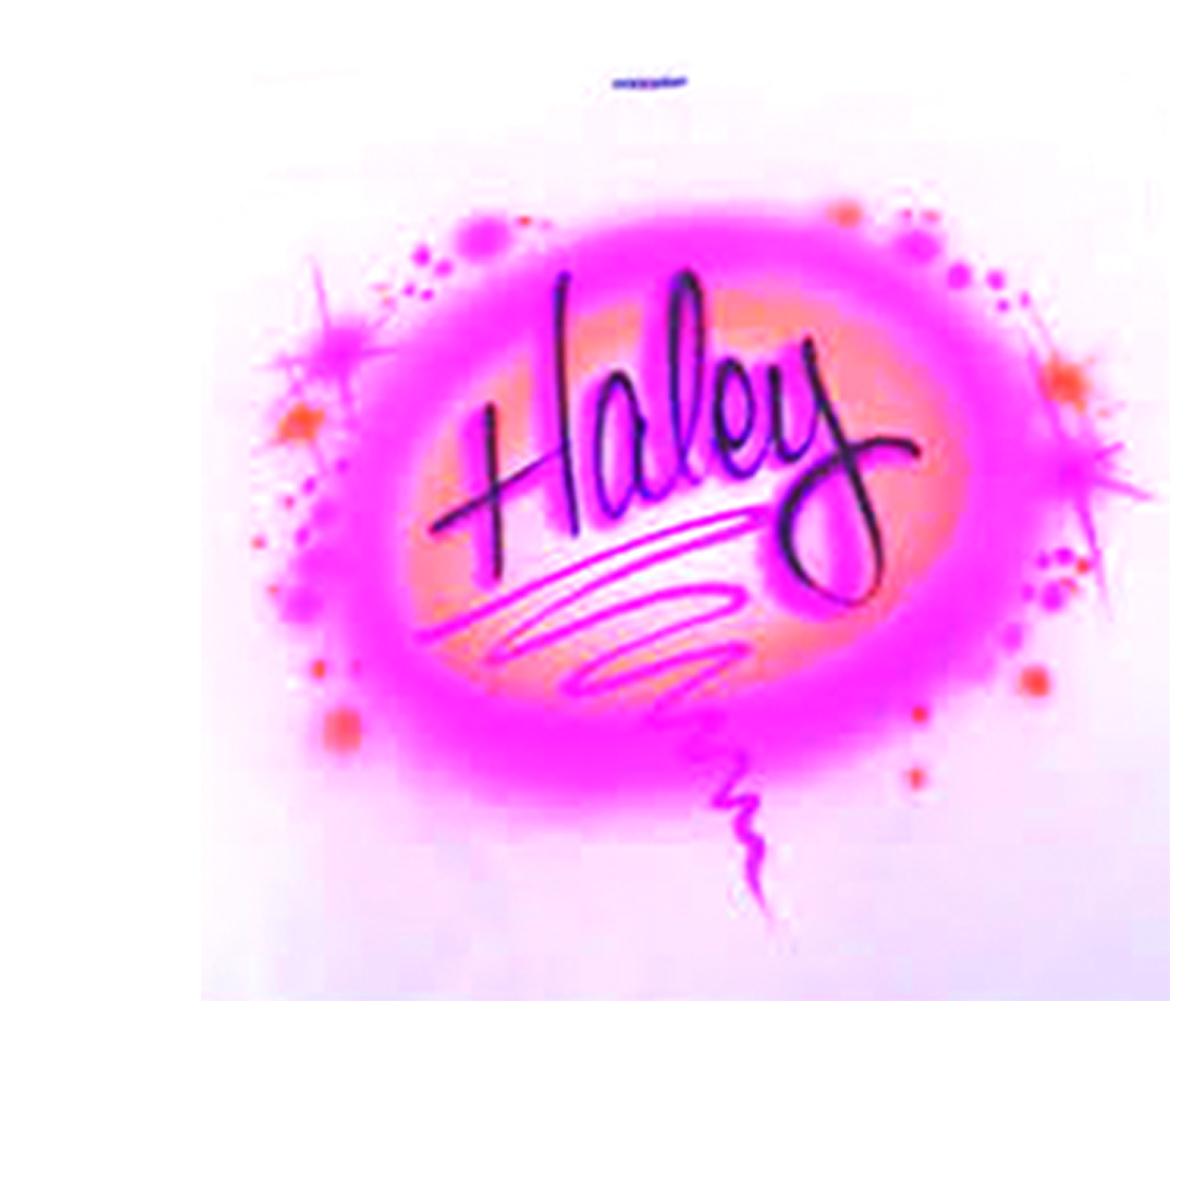 Haley Name 9 00011